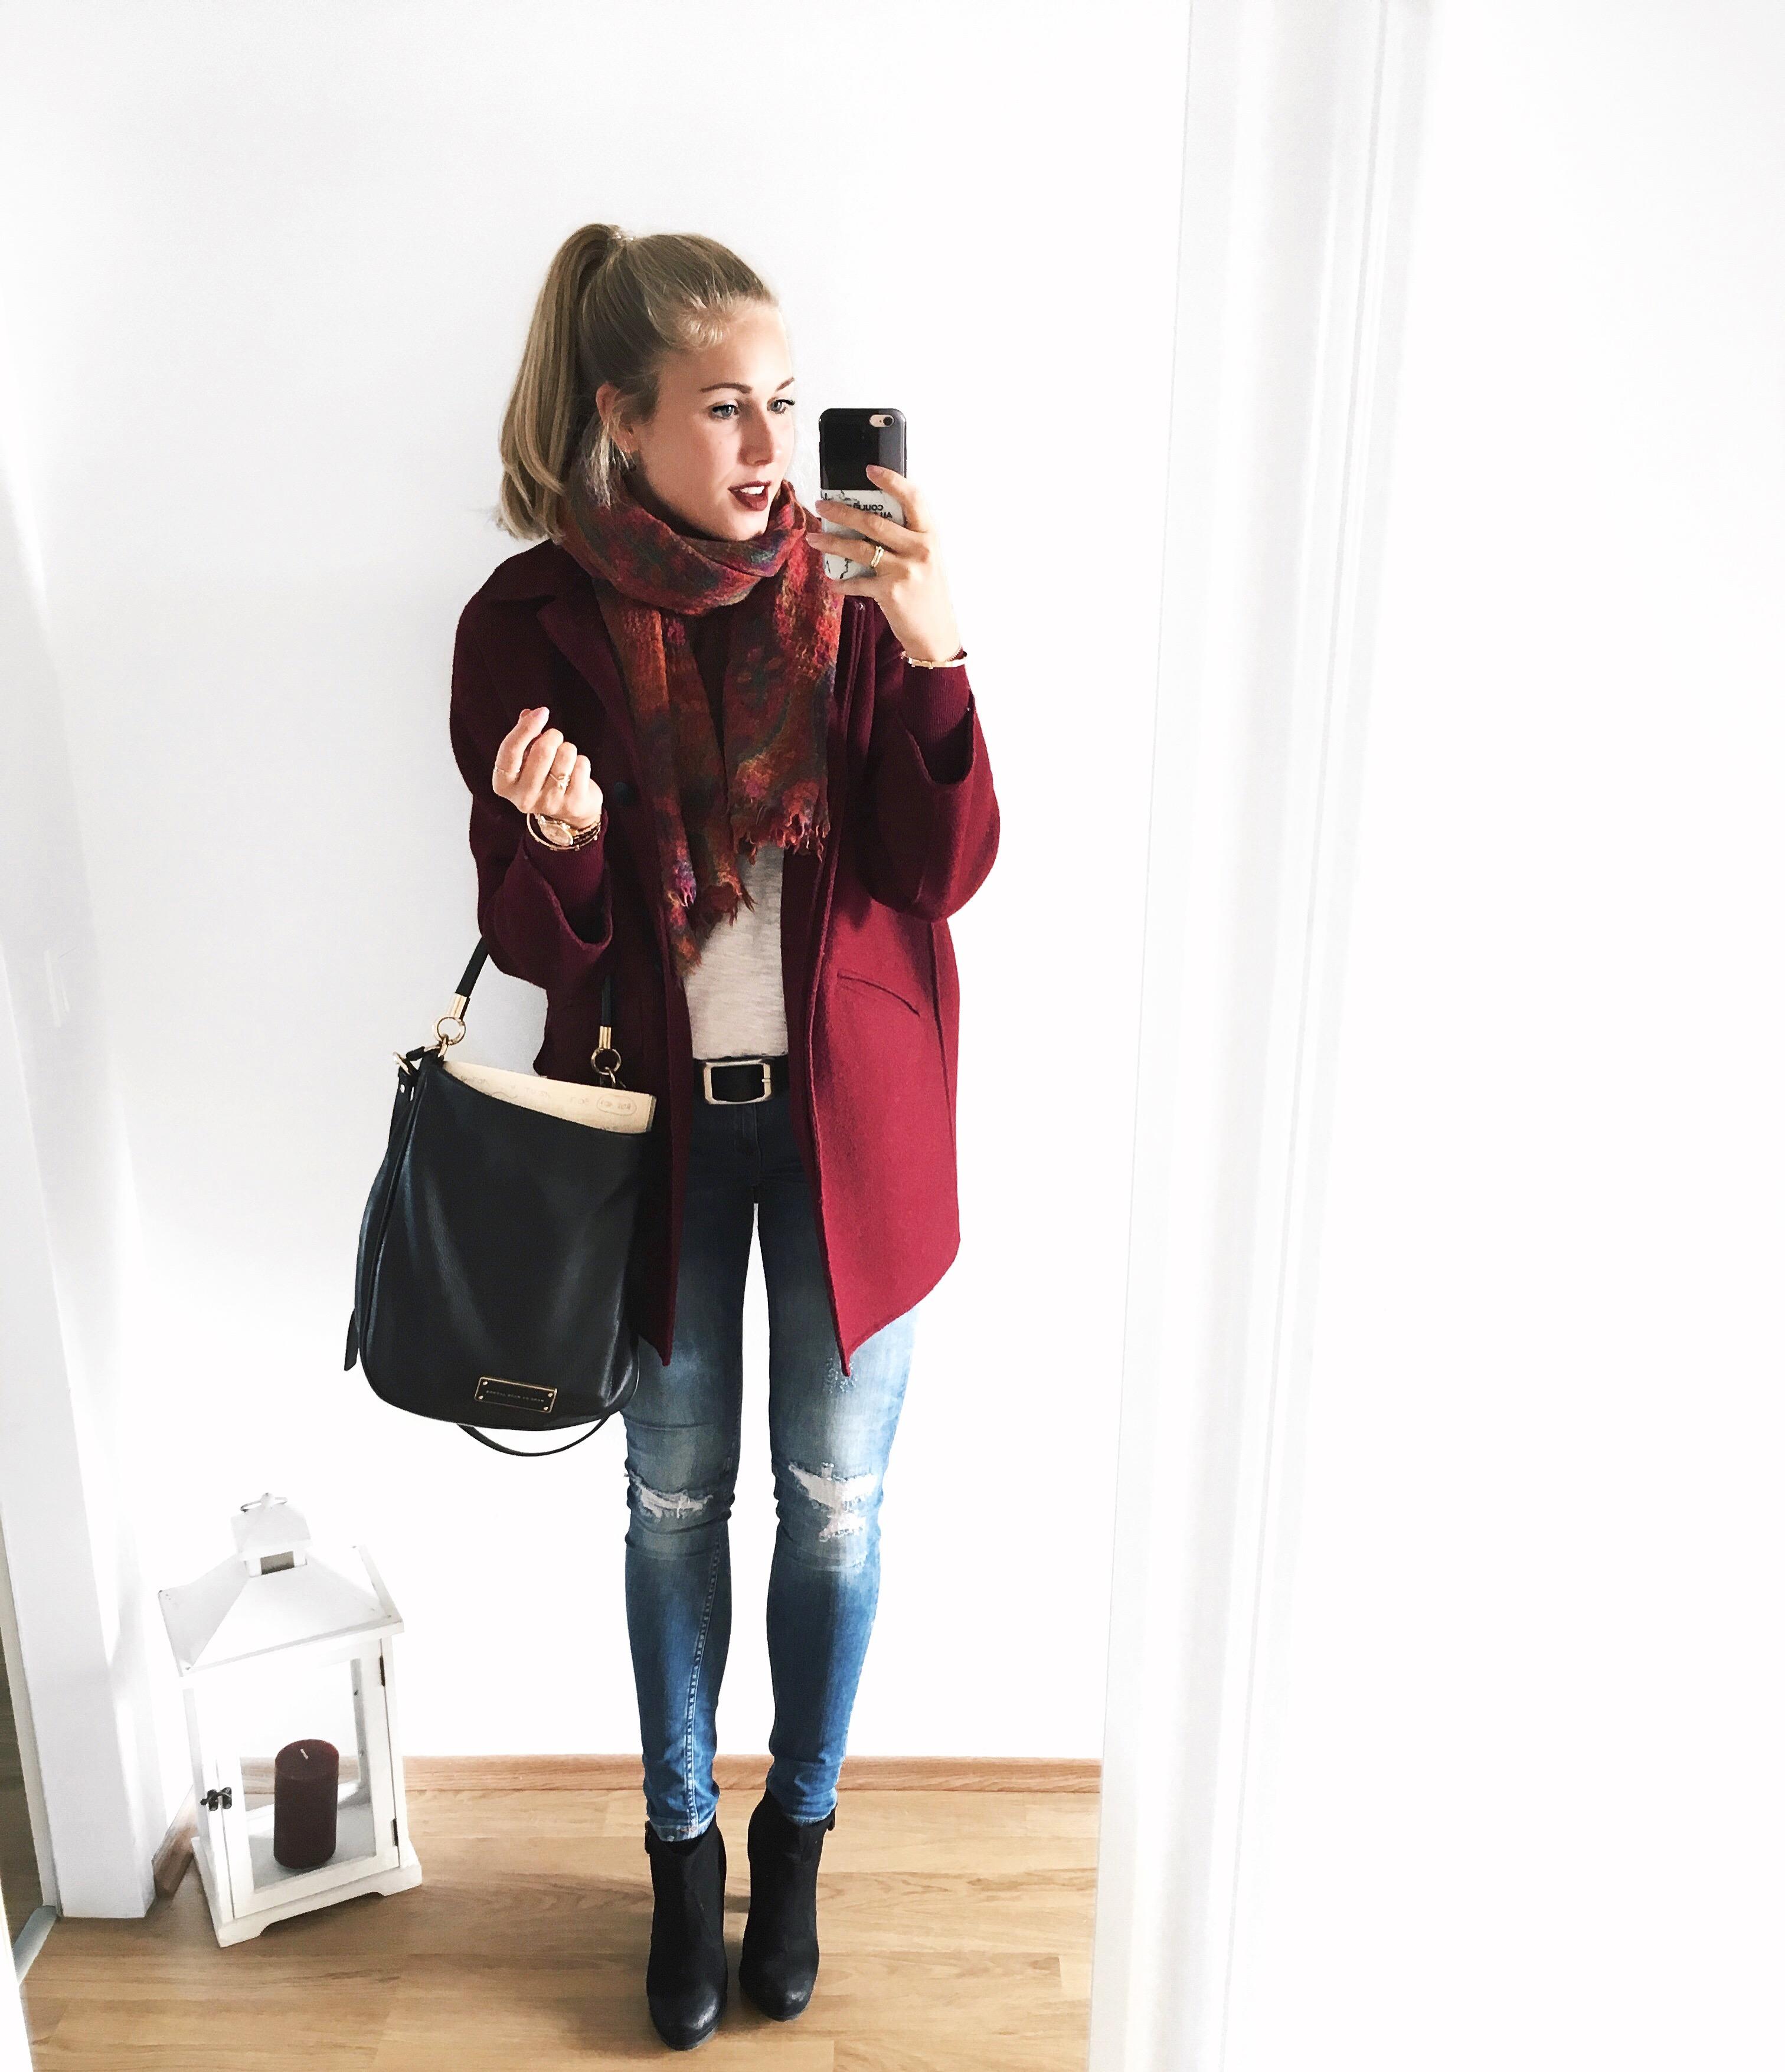 Bits and Bobs by Eva, Blog, Austrian Blog, Österreich blog, österreichische blogger, lifestyle blog, lifestyle, fashion, food, fitness, travel, inspiration, lovedailydose, the daily dose, bitsandbobsbyeva, bits and bobs, blog, blogger, deutsche blogger, german blogger, österreich, linz, wien, vienna, blonde girl, instagram blog, pretty girl blog, lifestyle blog austria, lifestyle blog österreich, instagram, instagram outfits, outfit inspiration, autumn, fall, fall outfit, outfit inspiration